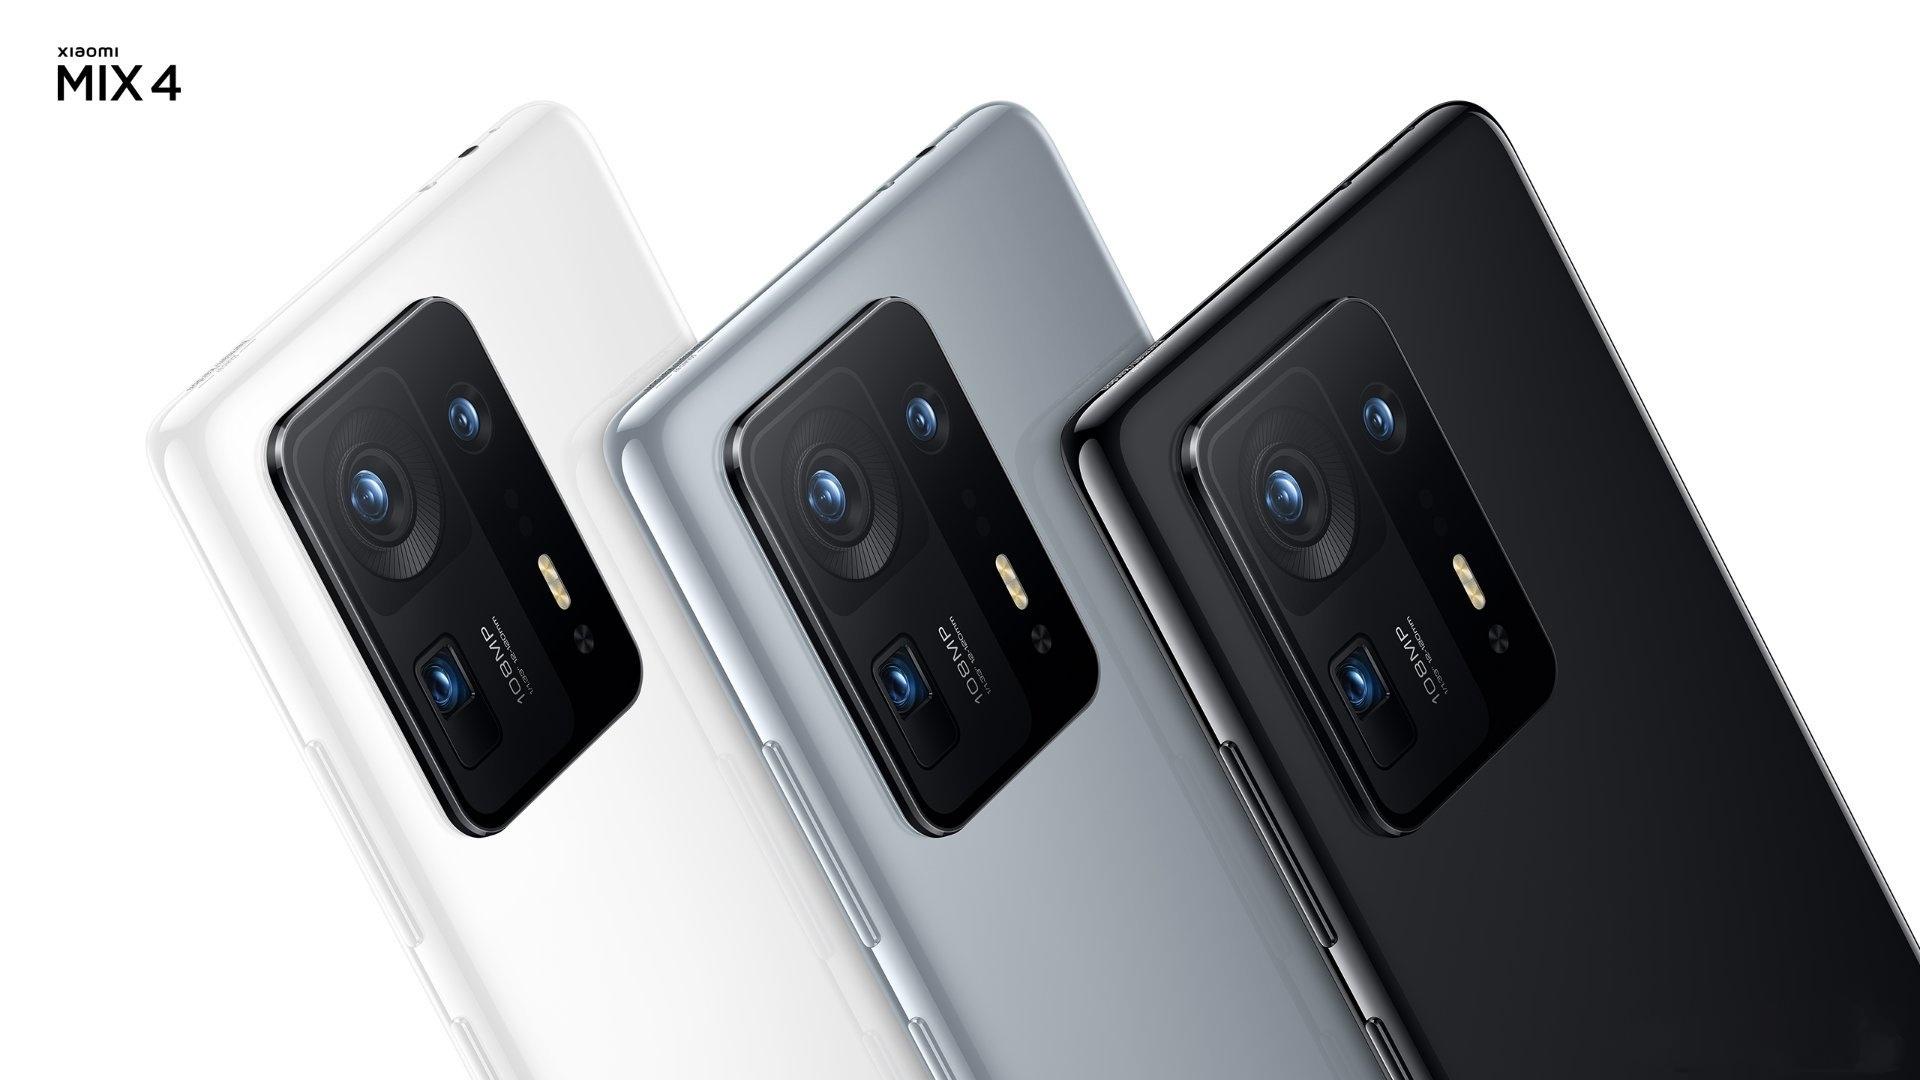 Xiaomi Mix 4 colors